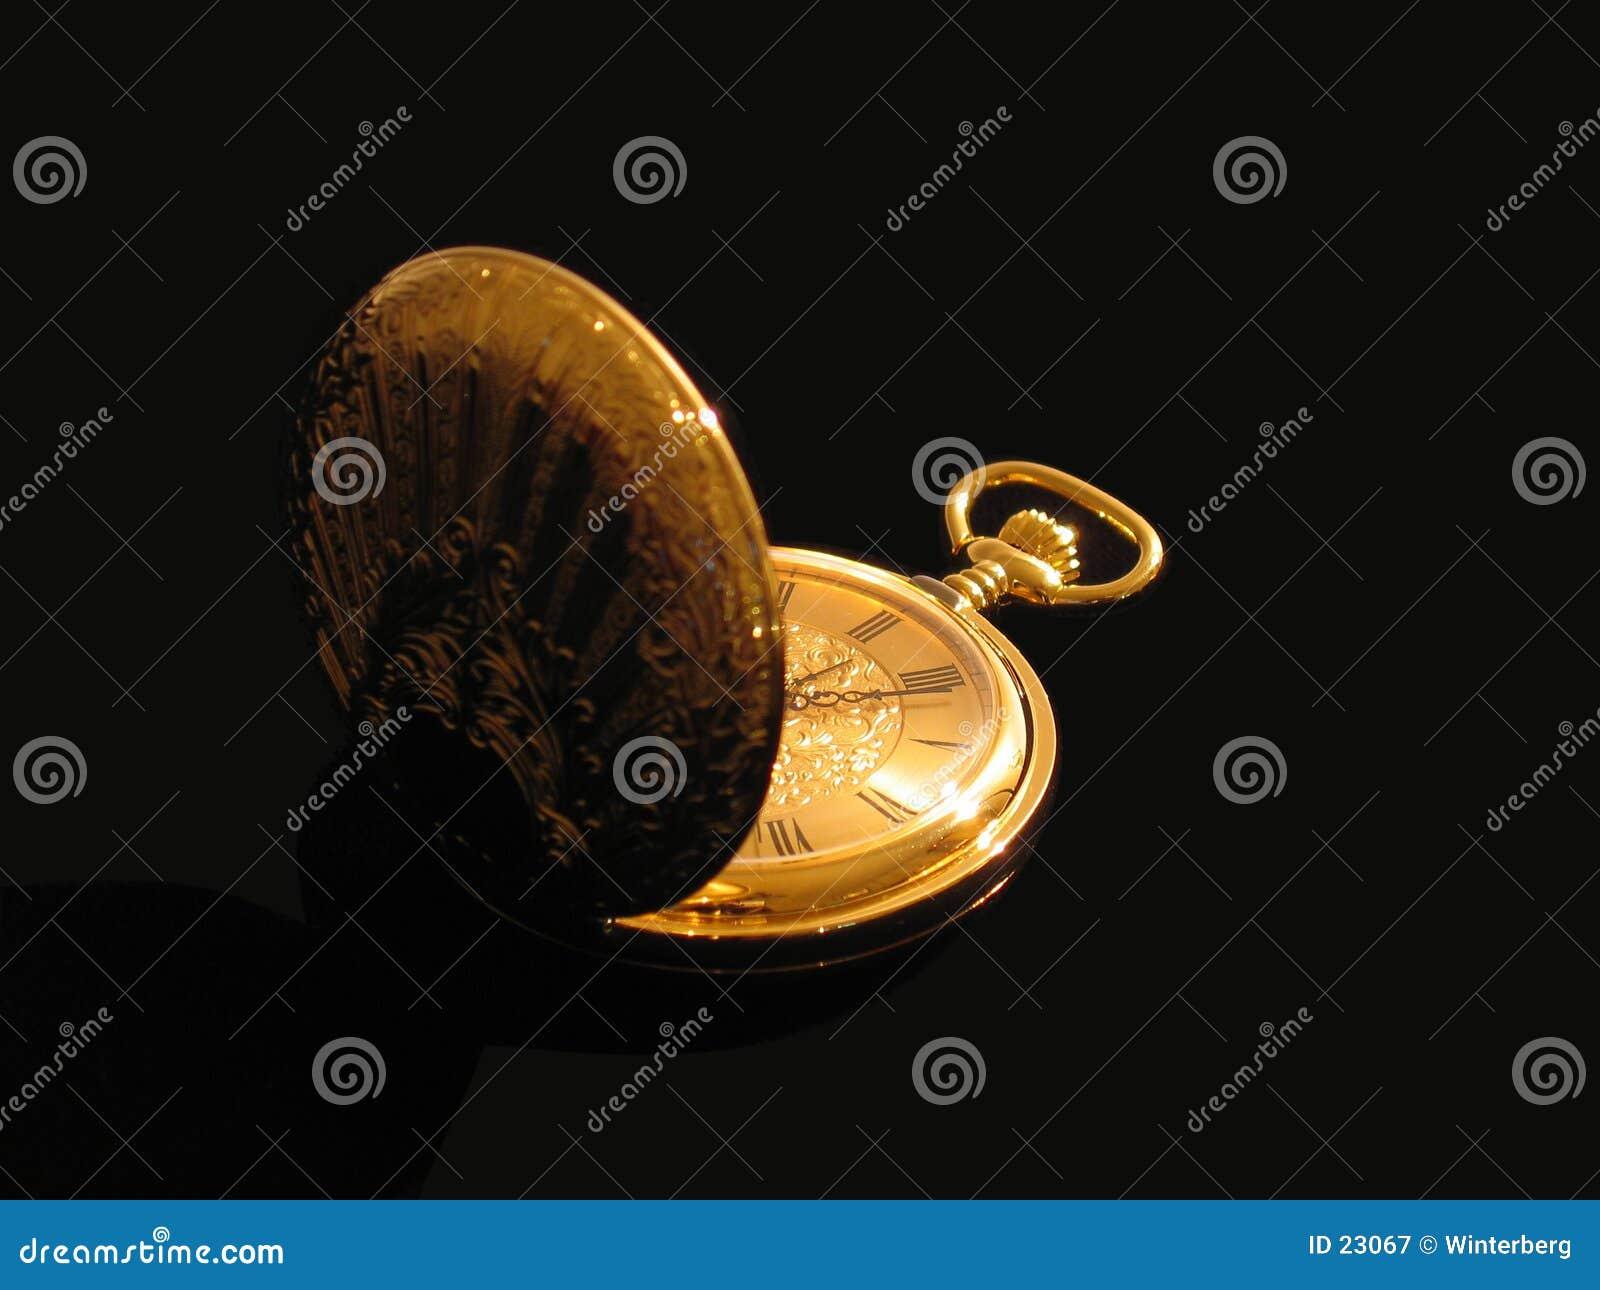 Goldene Taschen-Uhr